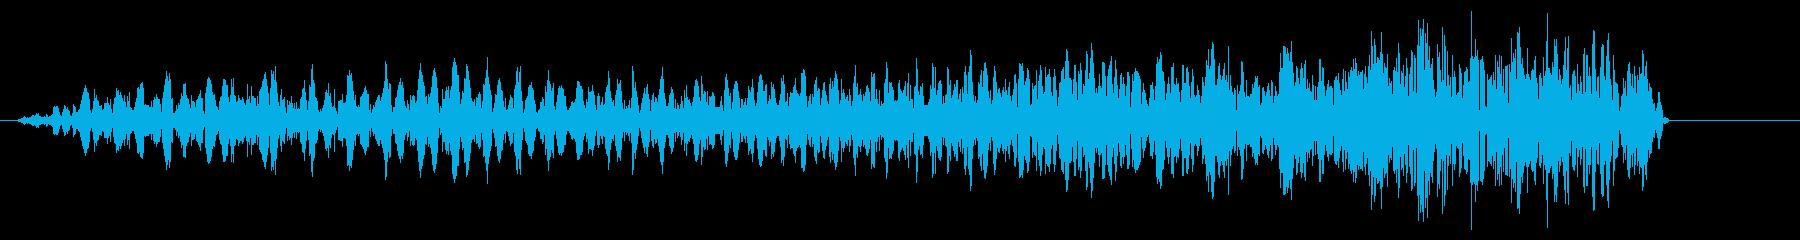 ズービヨッ(登場 飛び出す)の再生済みの波形